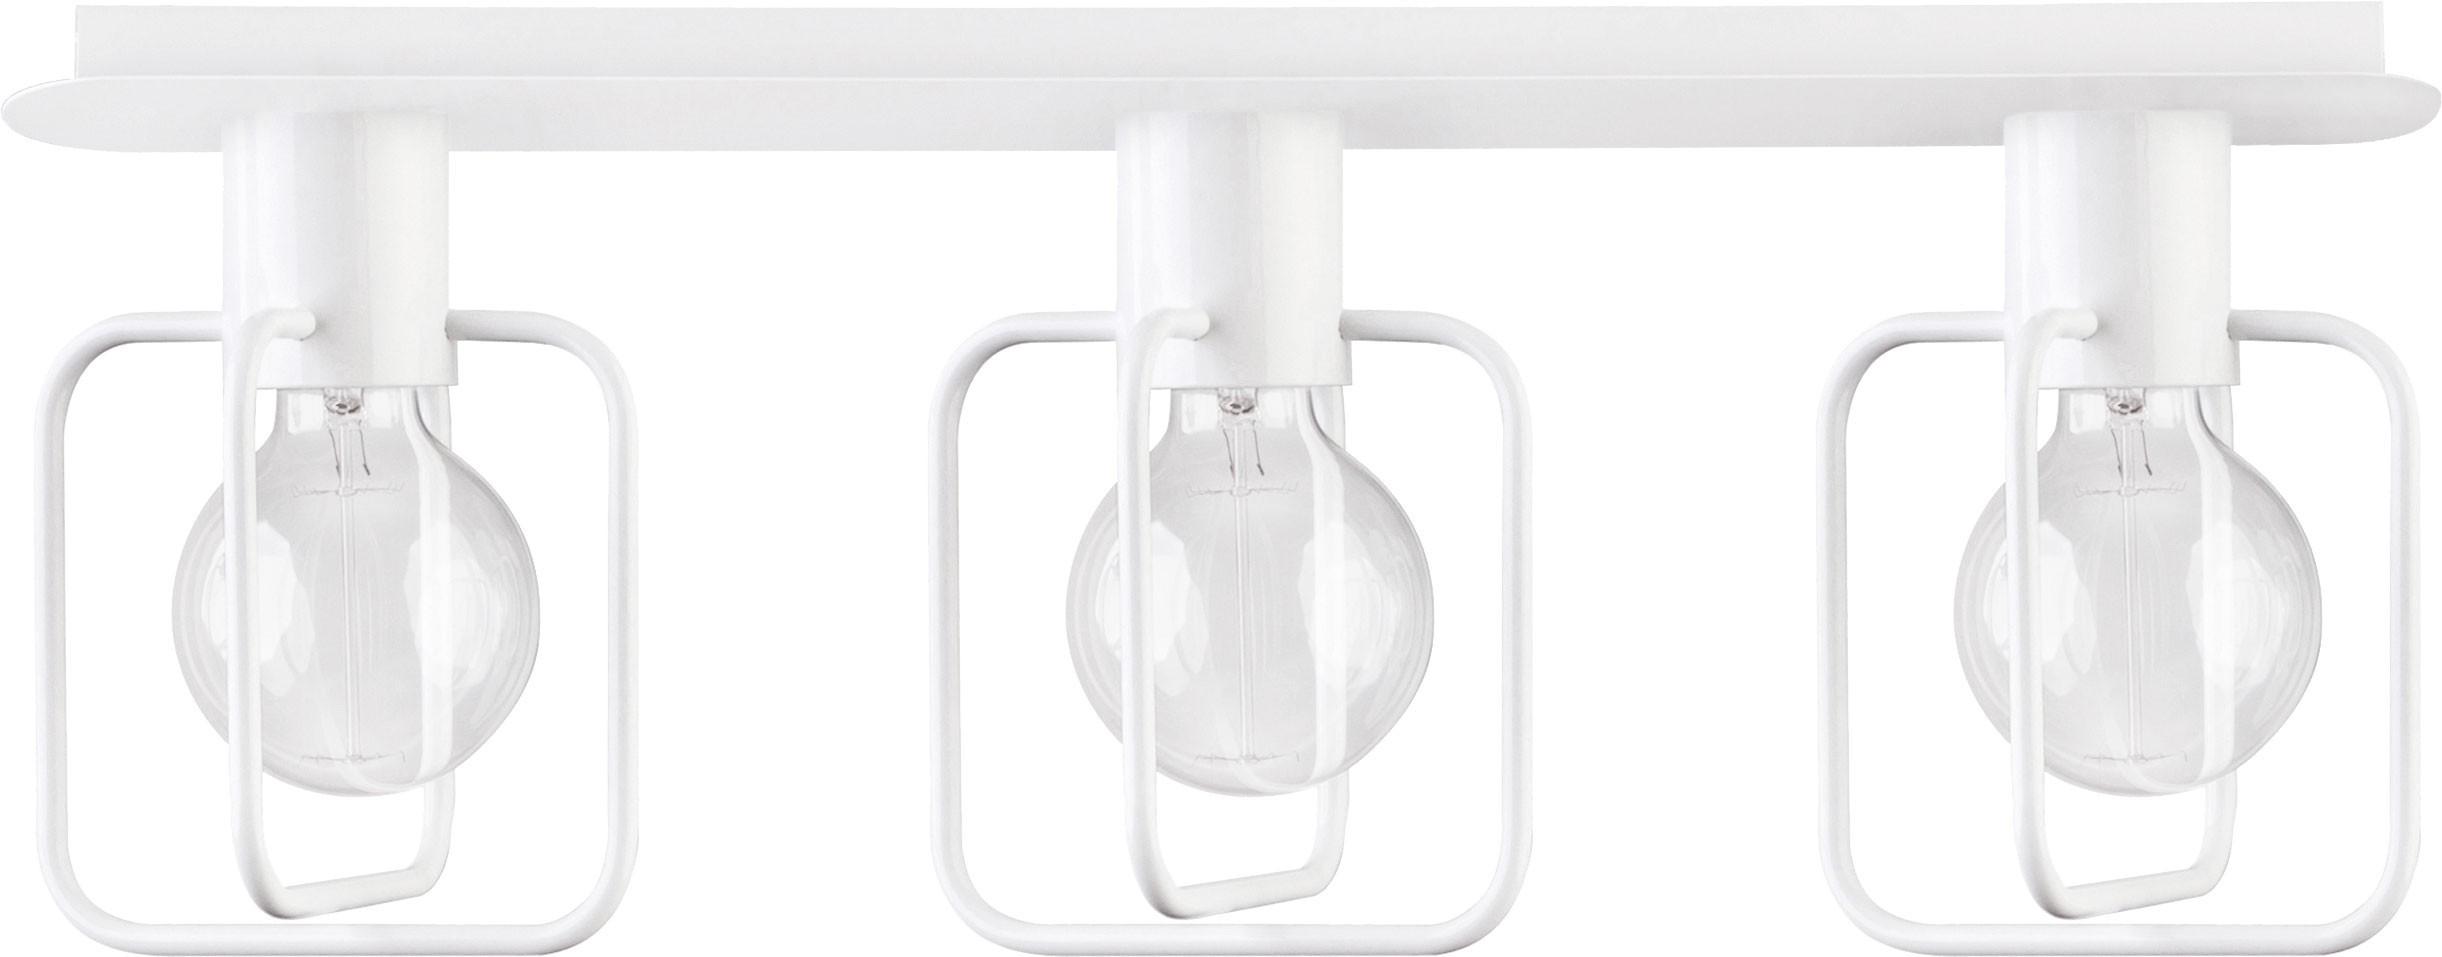 Lampa sufitowa Aura kwadrat 3 biała 31126 - Sigma Do -17% rabatu w koszyku i darmowa dostawa od 299zł !